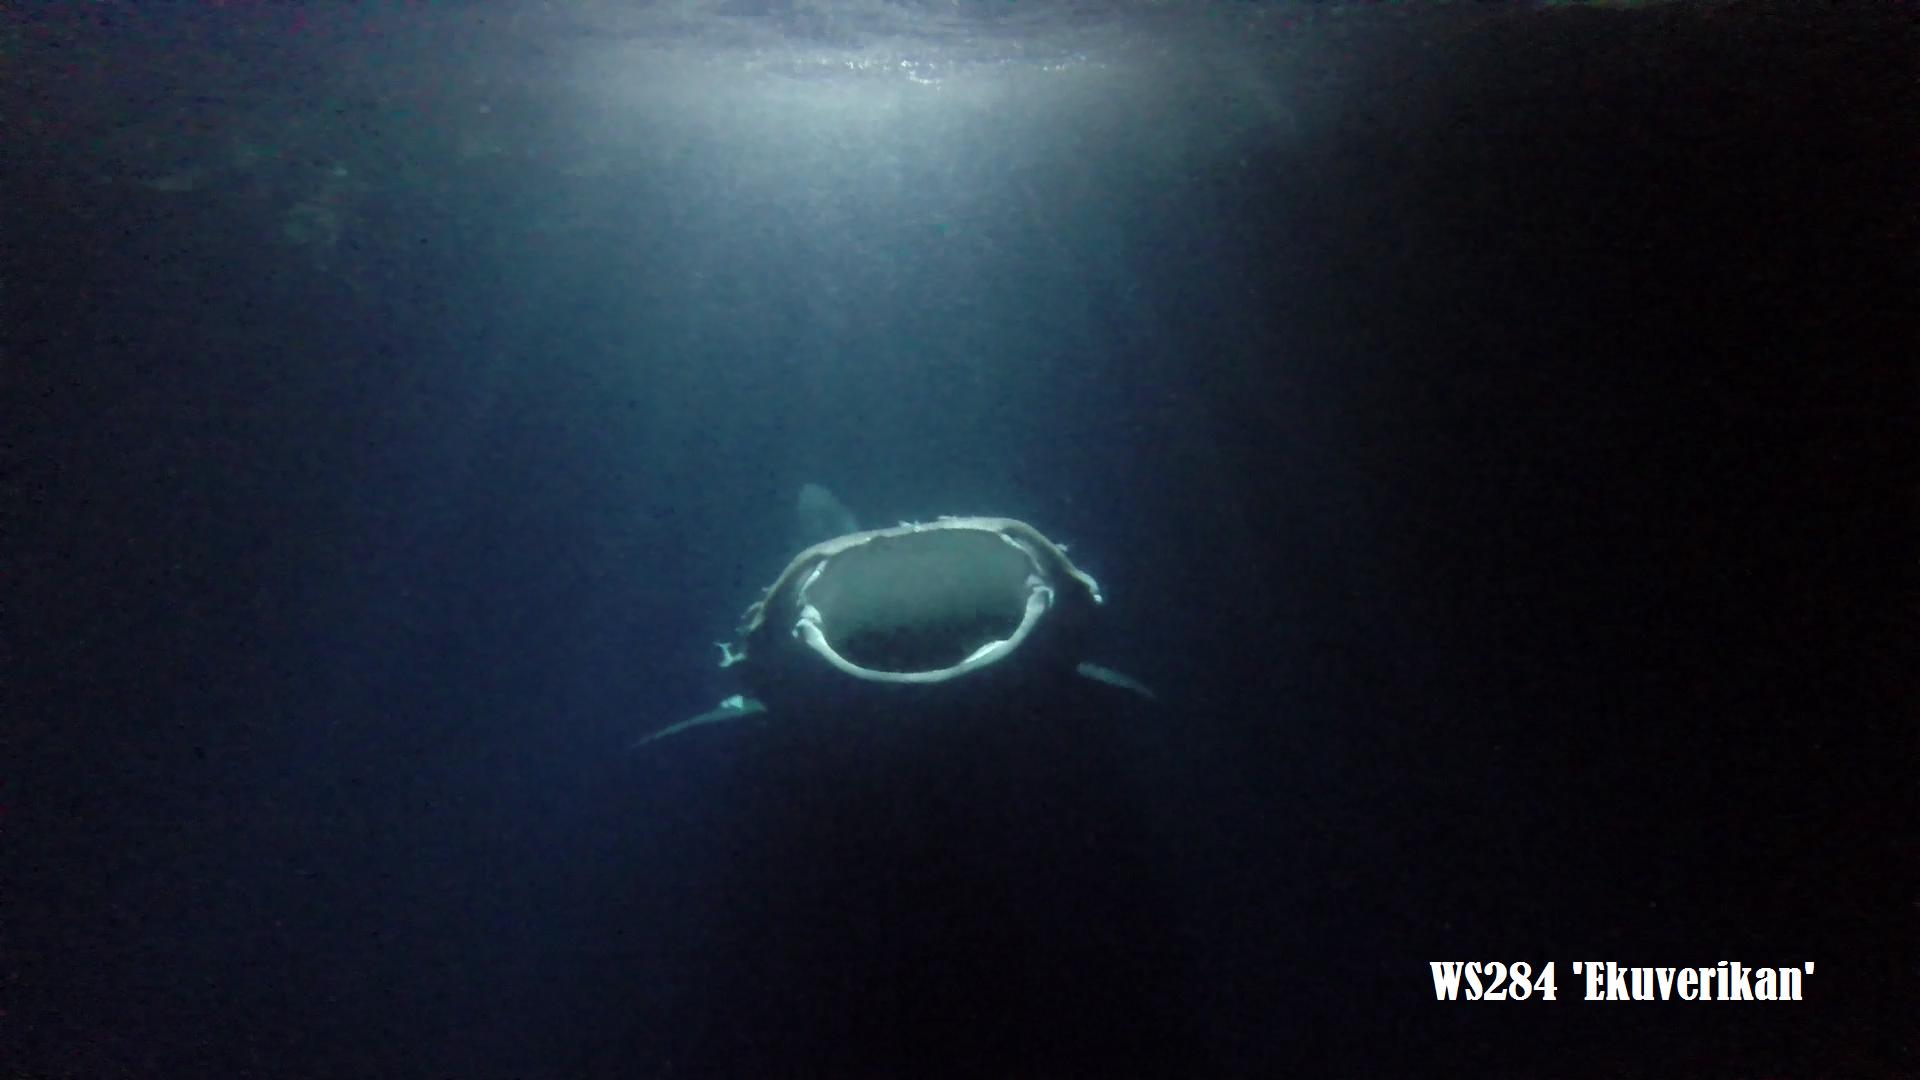 avvistamento squalo maldive durante immersione